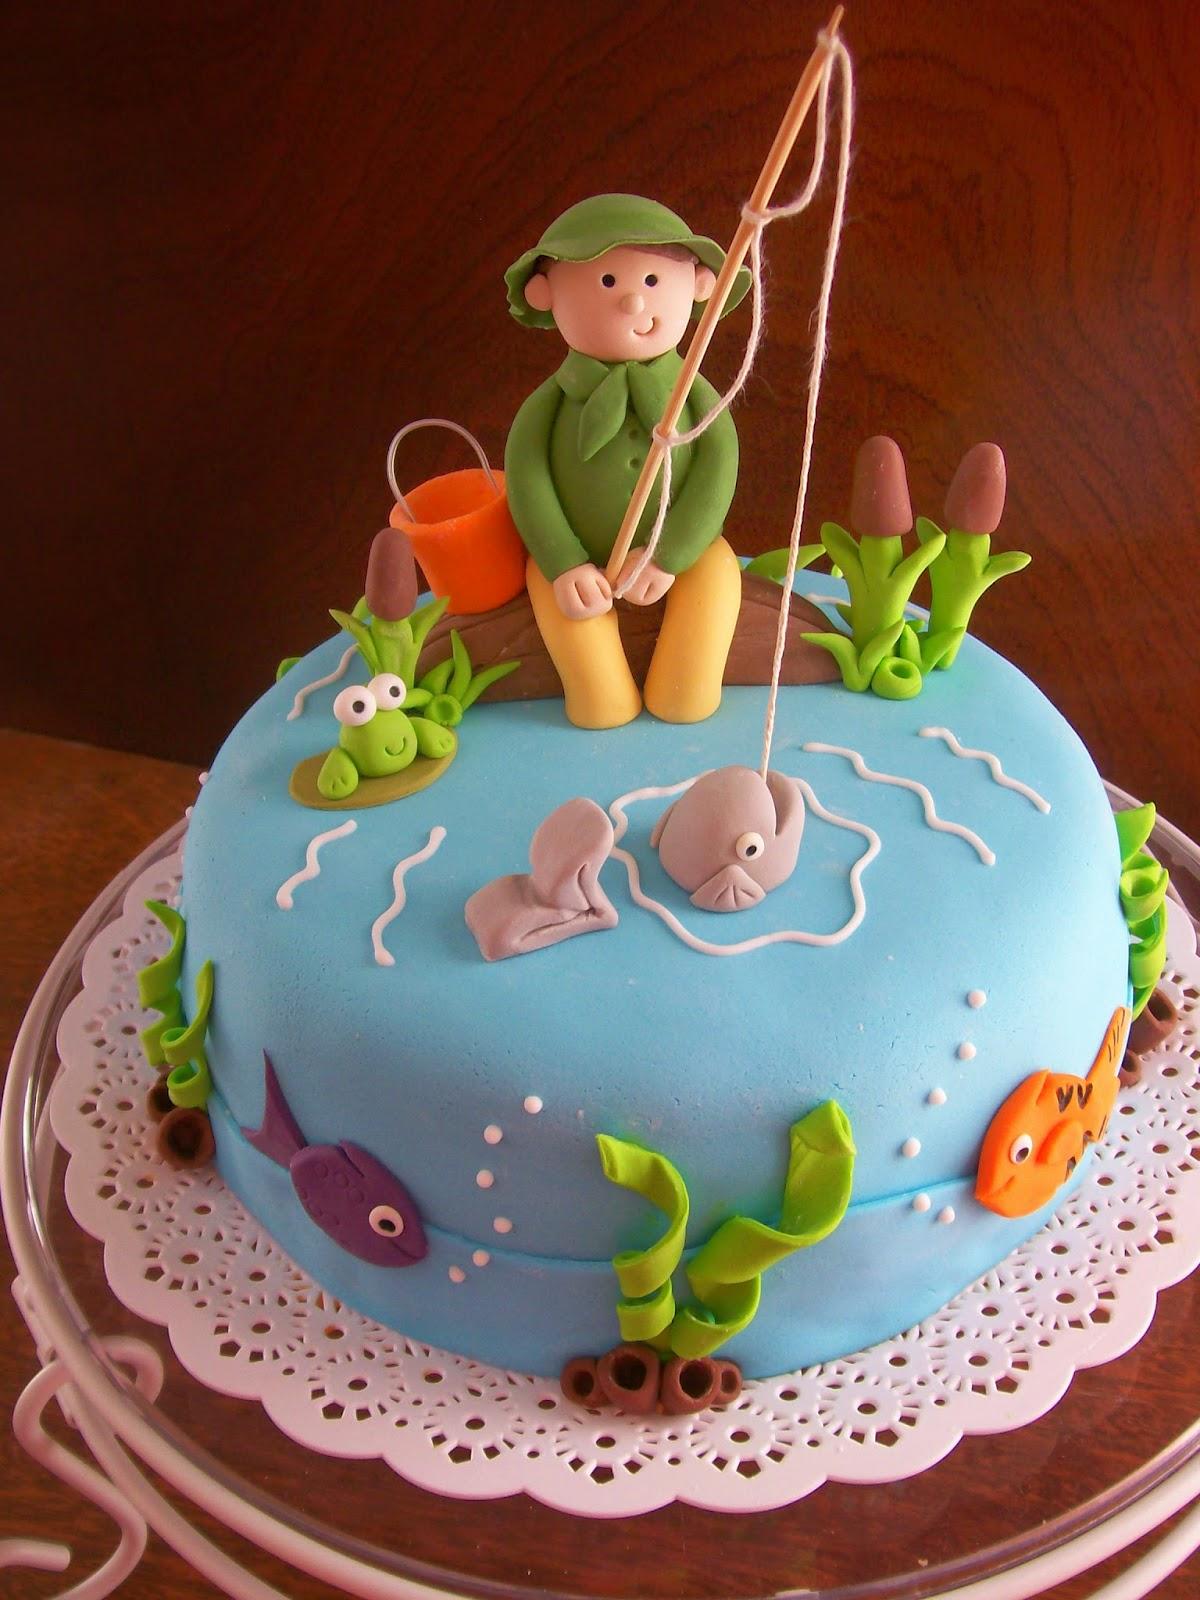 Dulces y colores de pesca for Como decorar una torta infantil